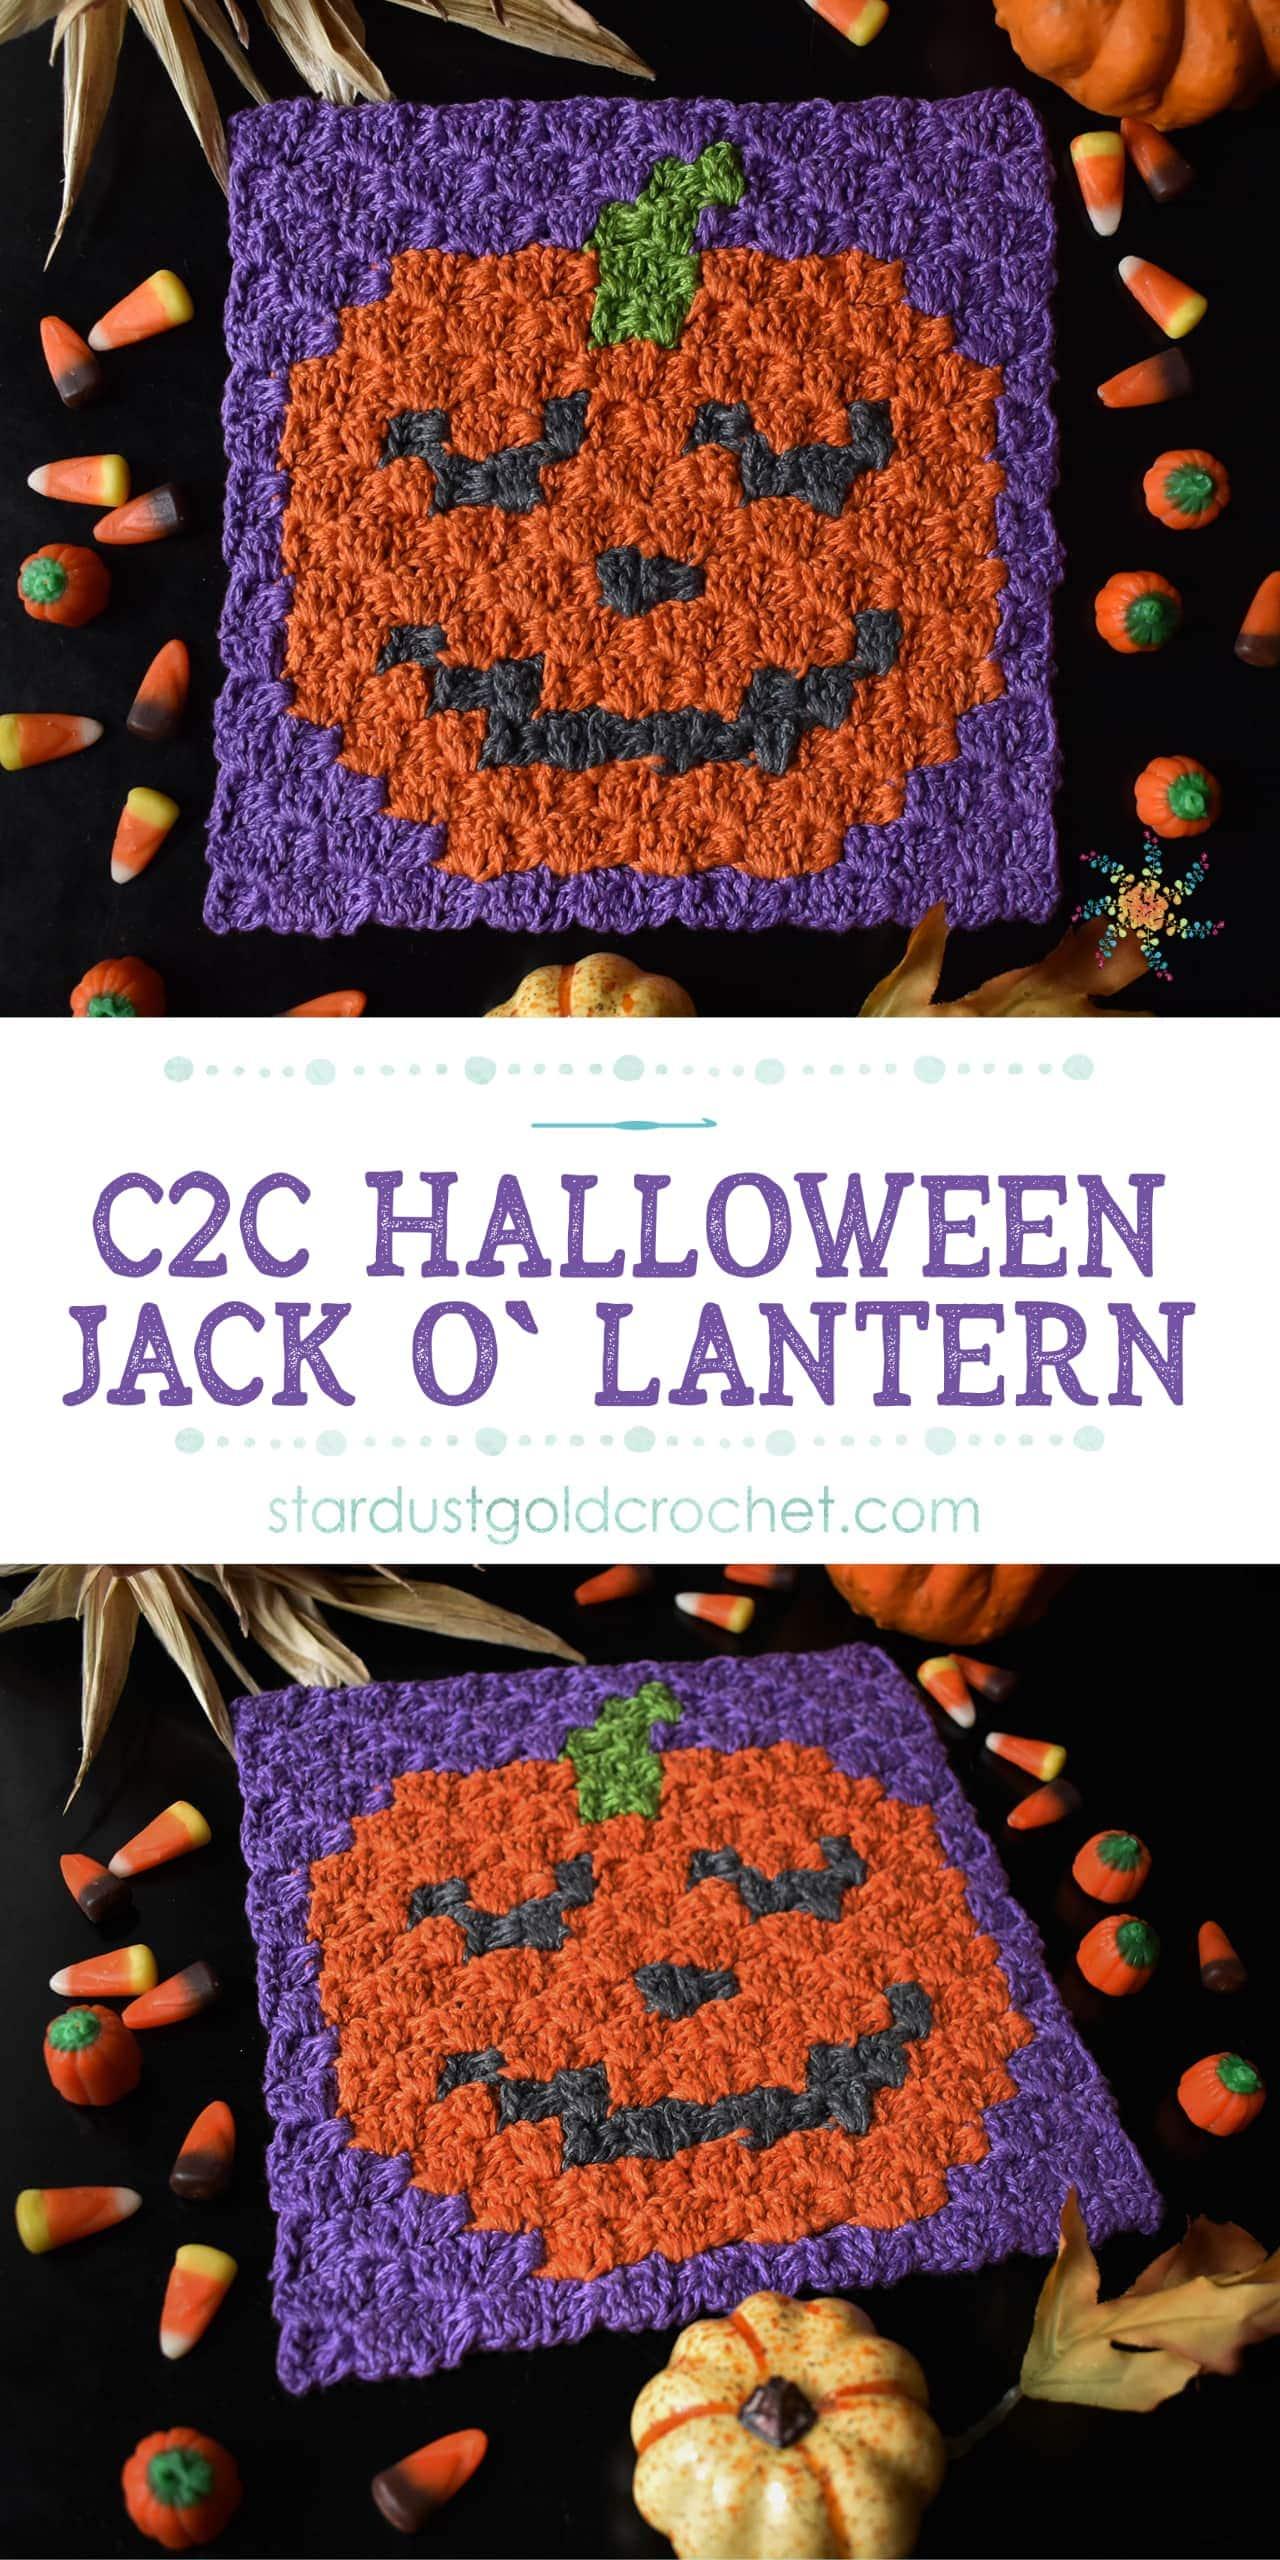 Halloween Jack O Lantern C2C Crochet Pattern by Stardust Gold Crochet Pin